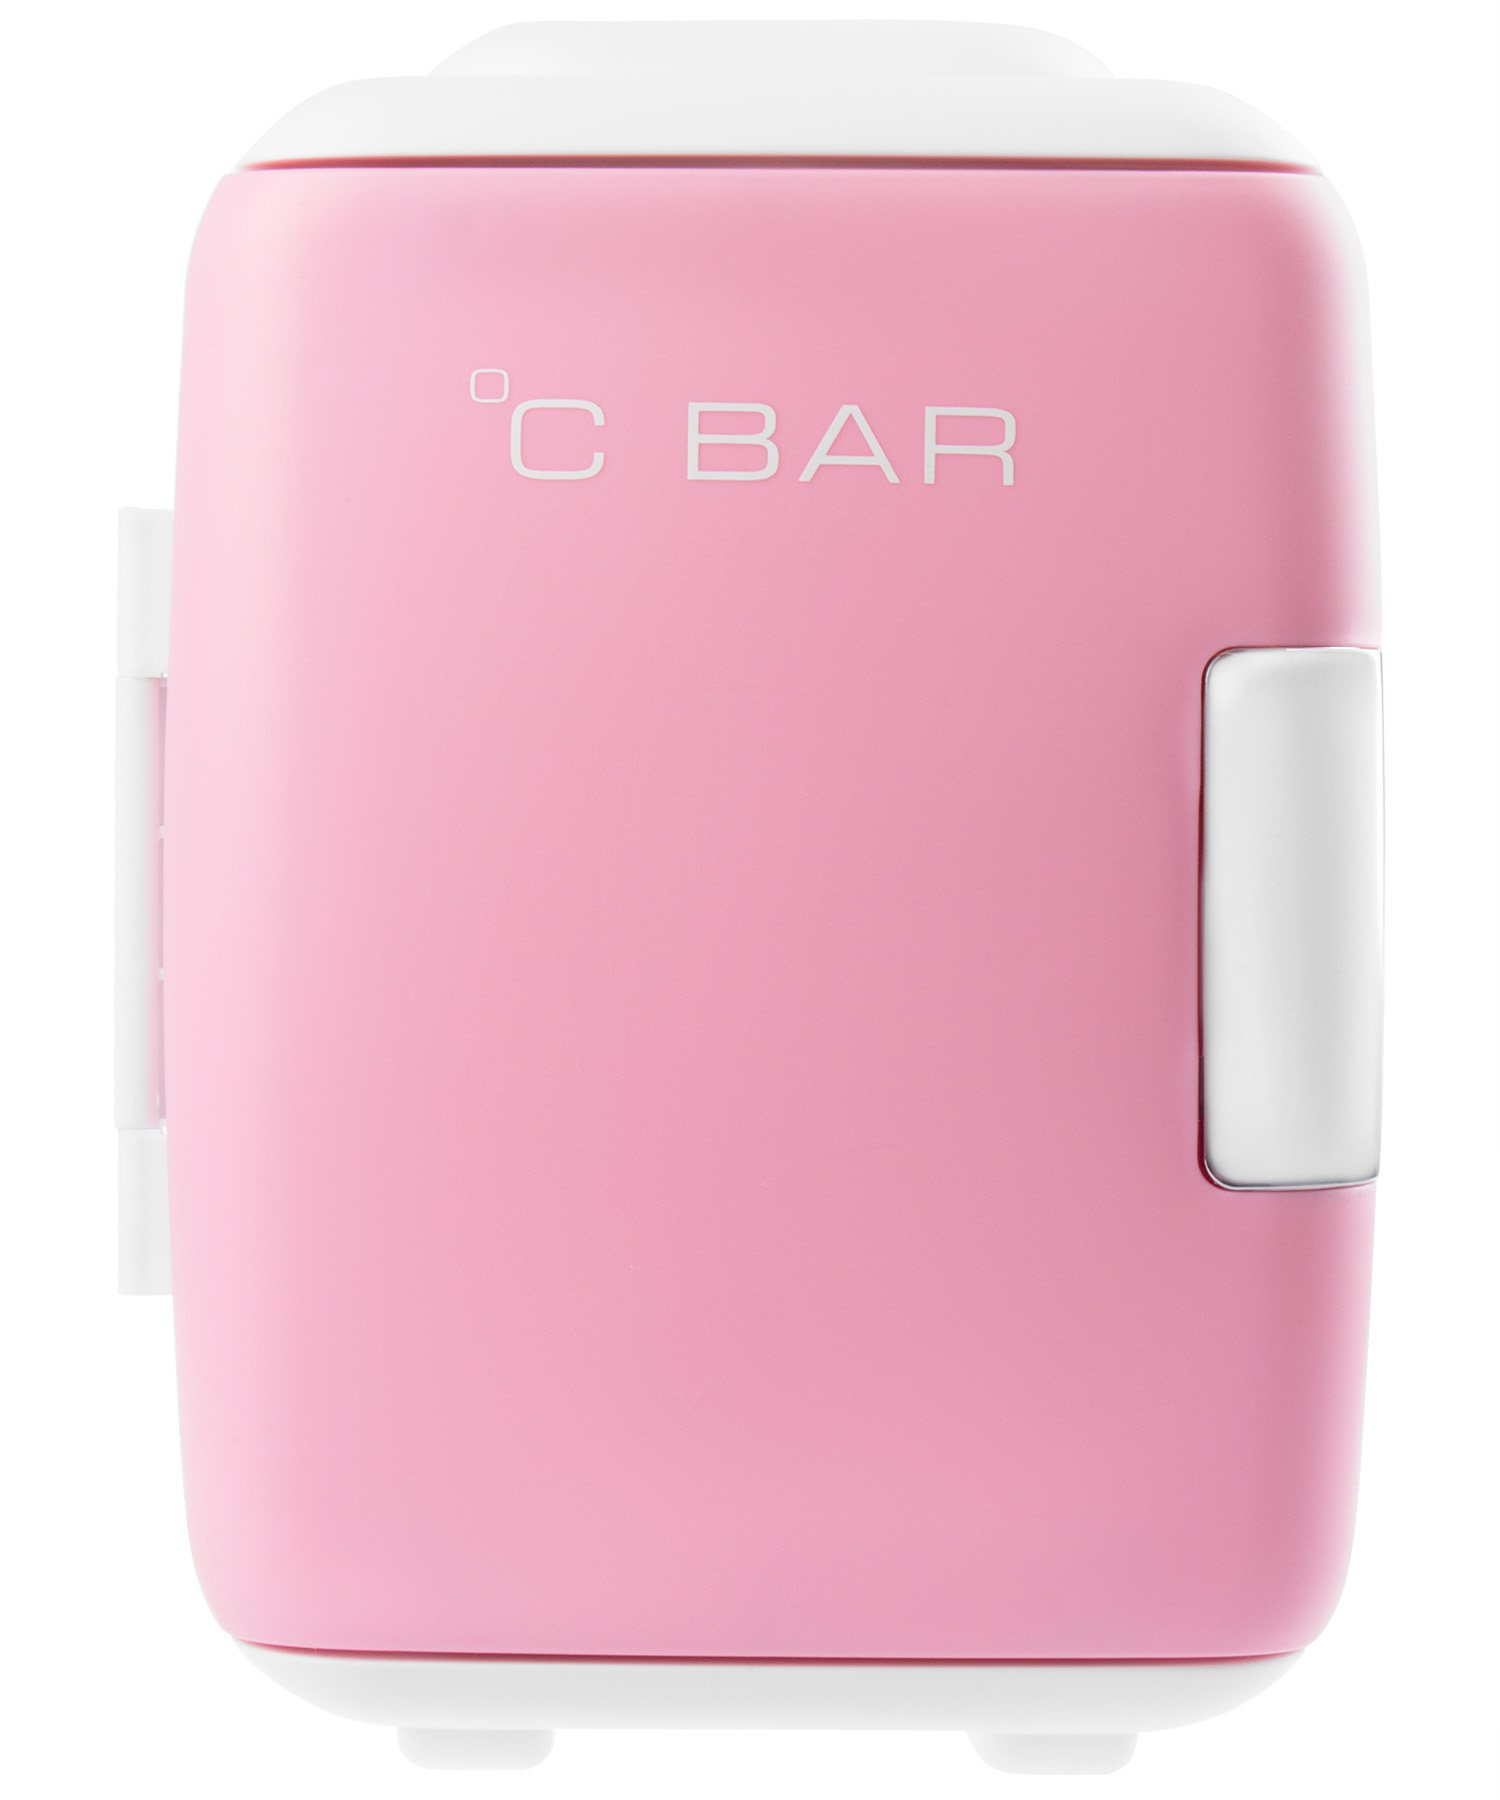 Купить C.Bar Бьюти-холодильник розовый 5 л (C.Bar, Холодильники)